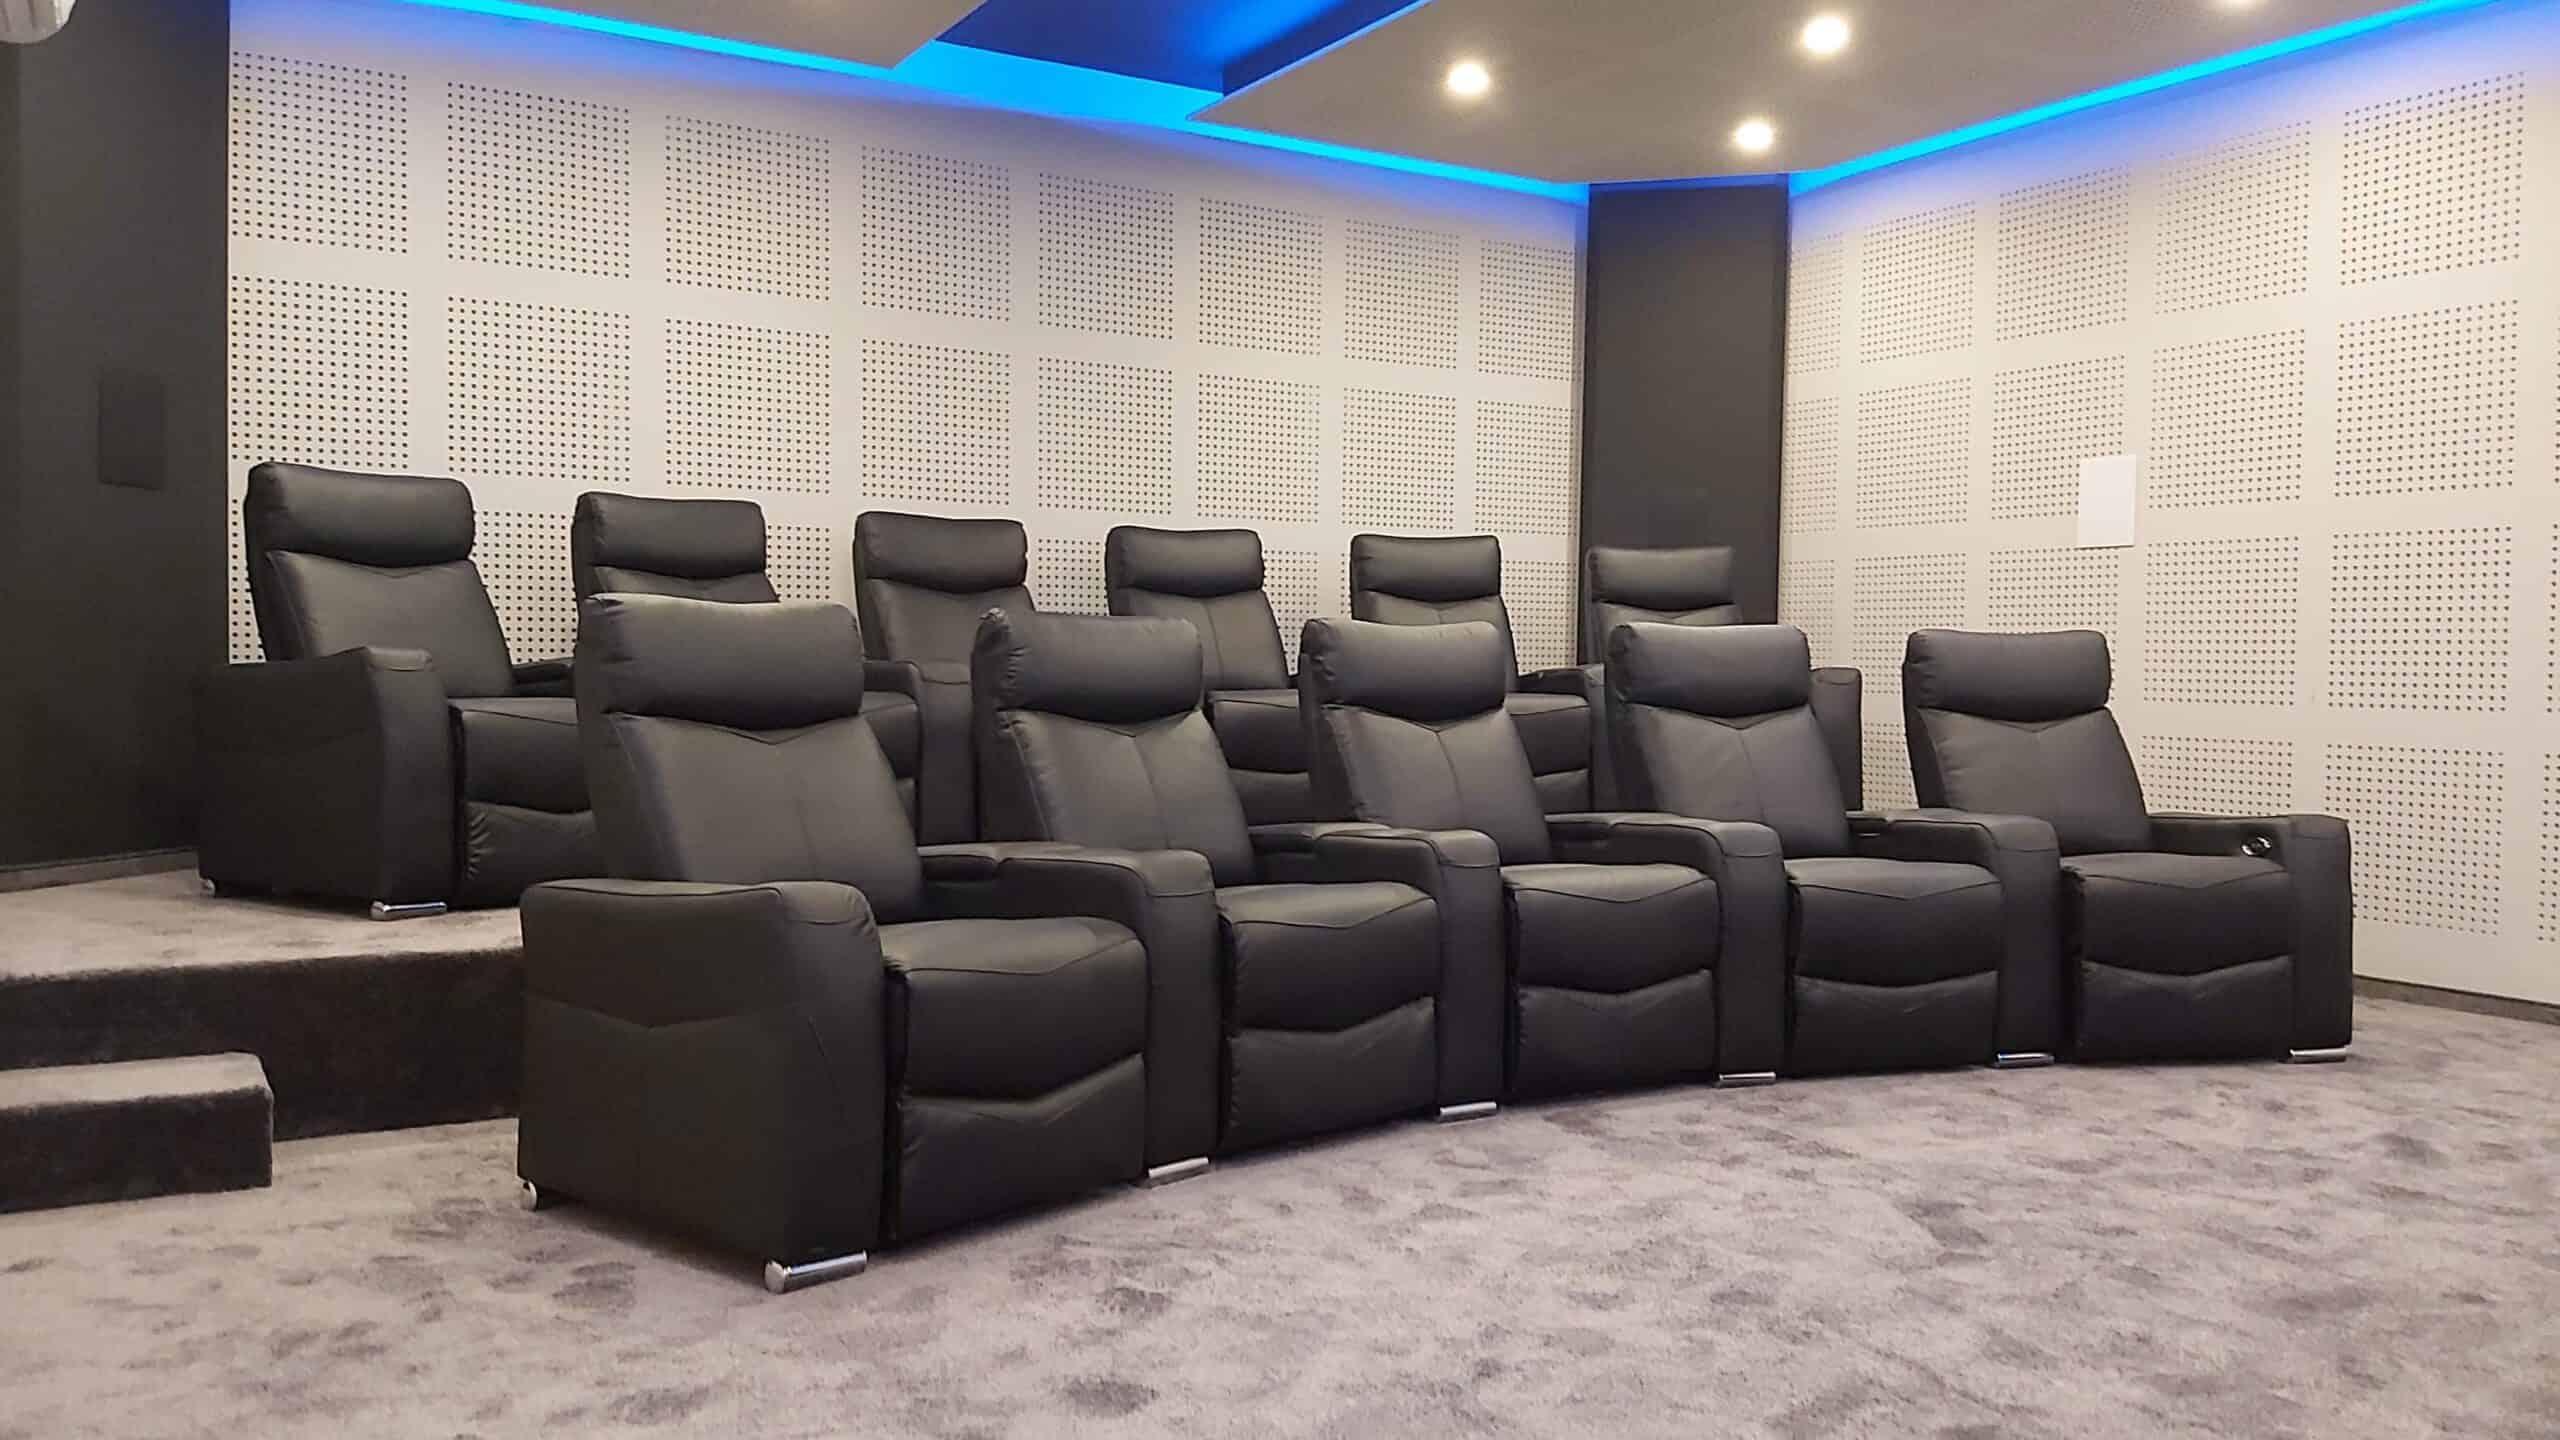 מערכות ישיבה לקולנוע